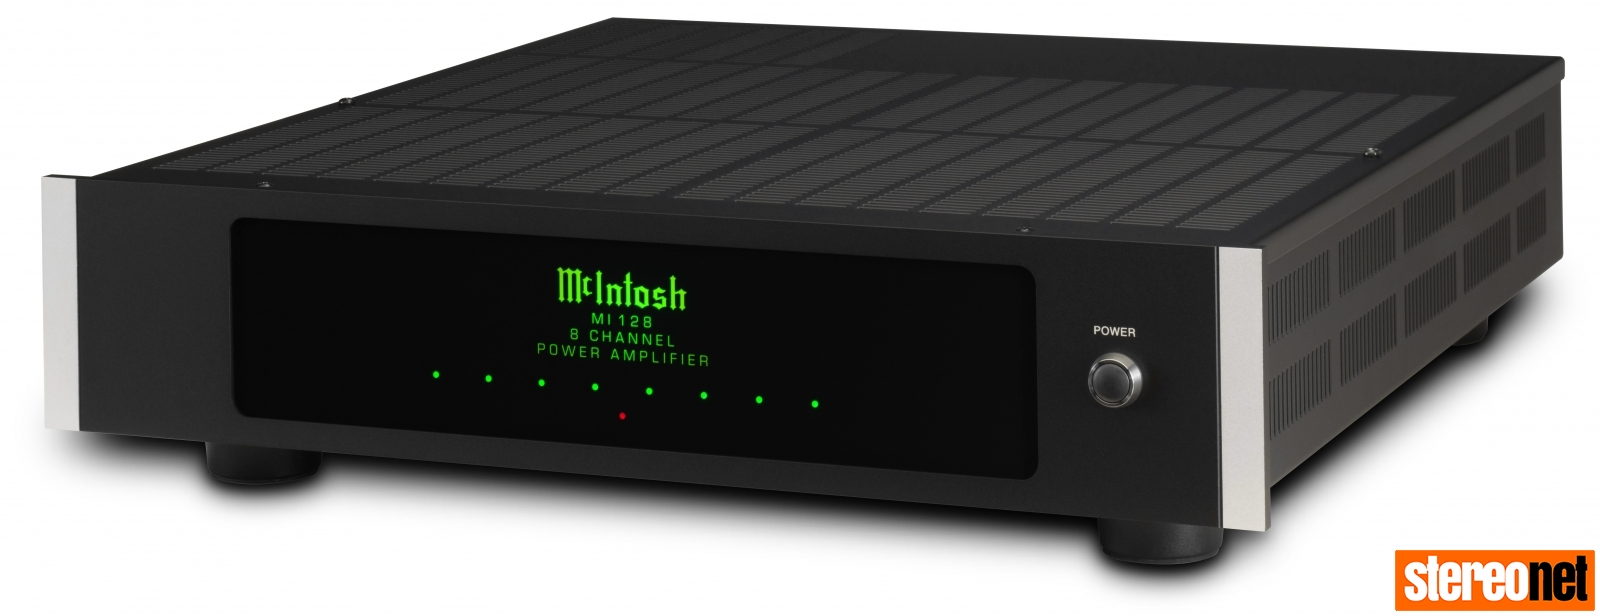 McIntosh MI128